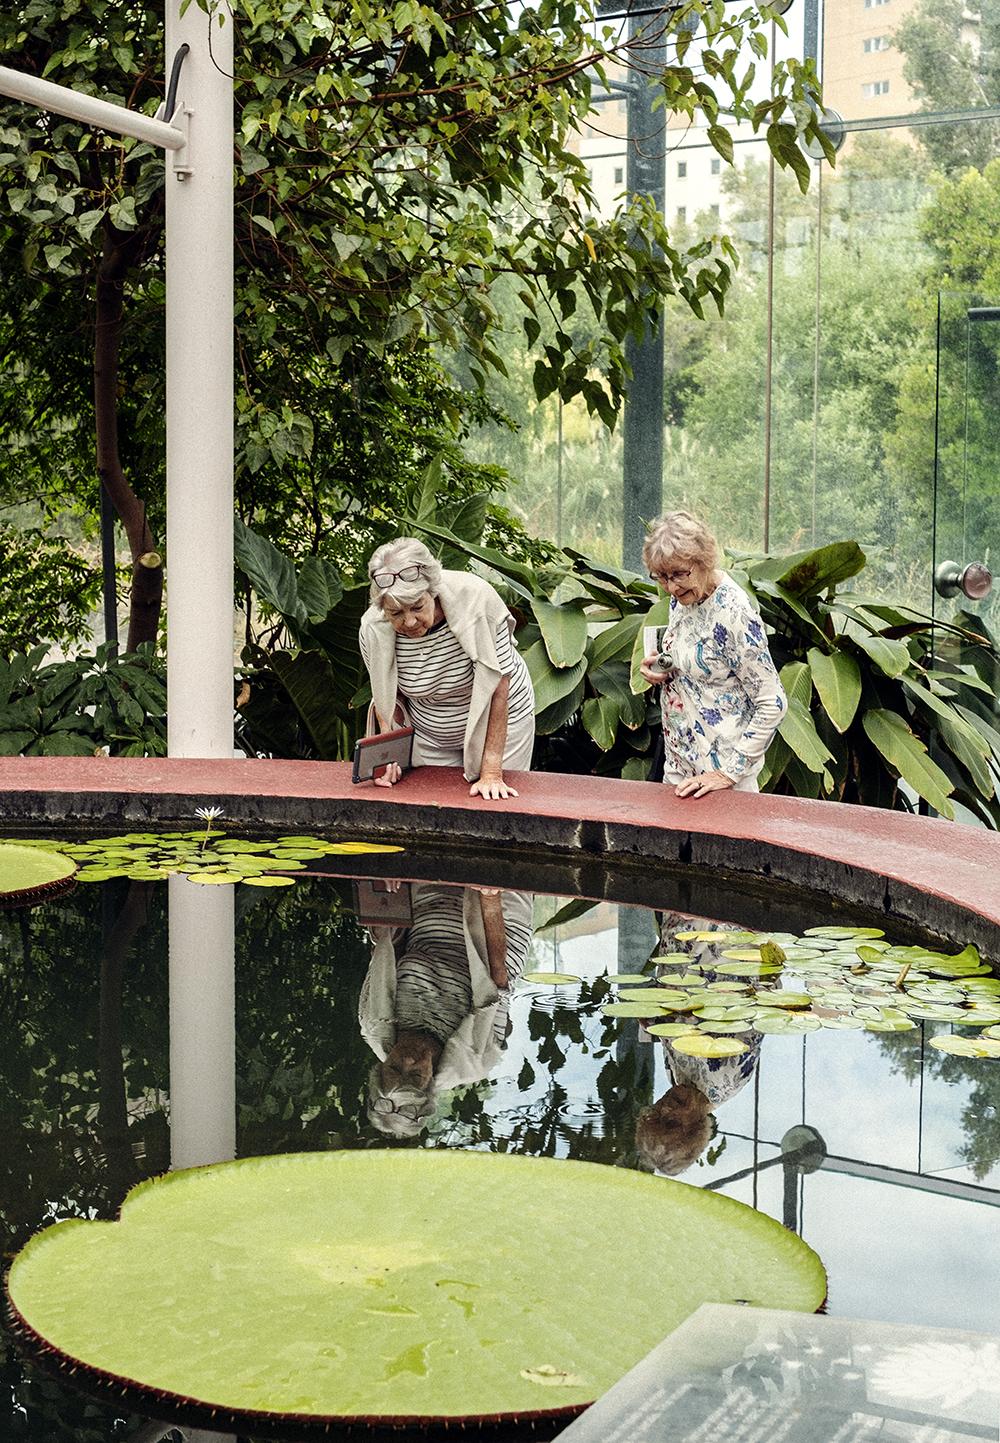 bonnie_saporetti-gardens-ladies.jpg